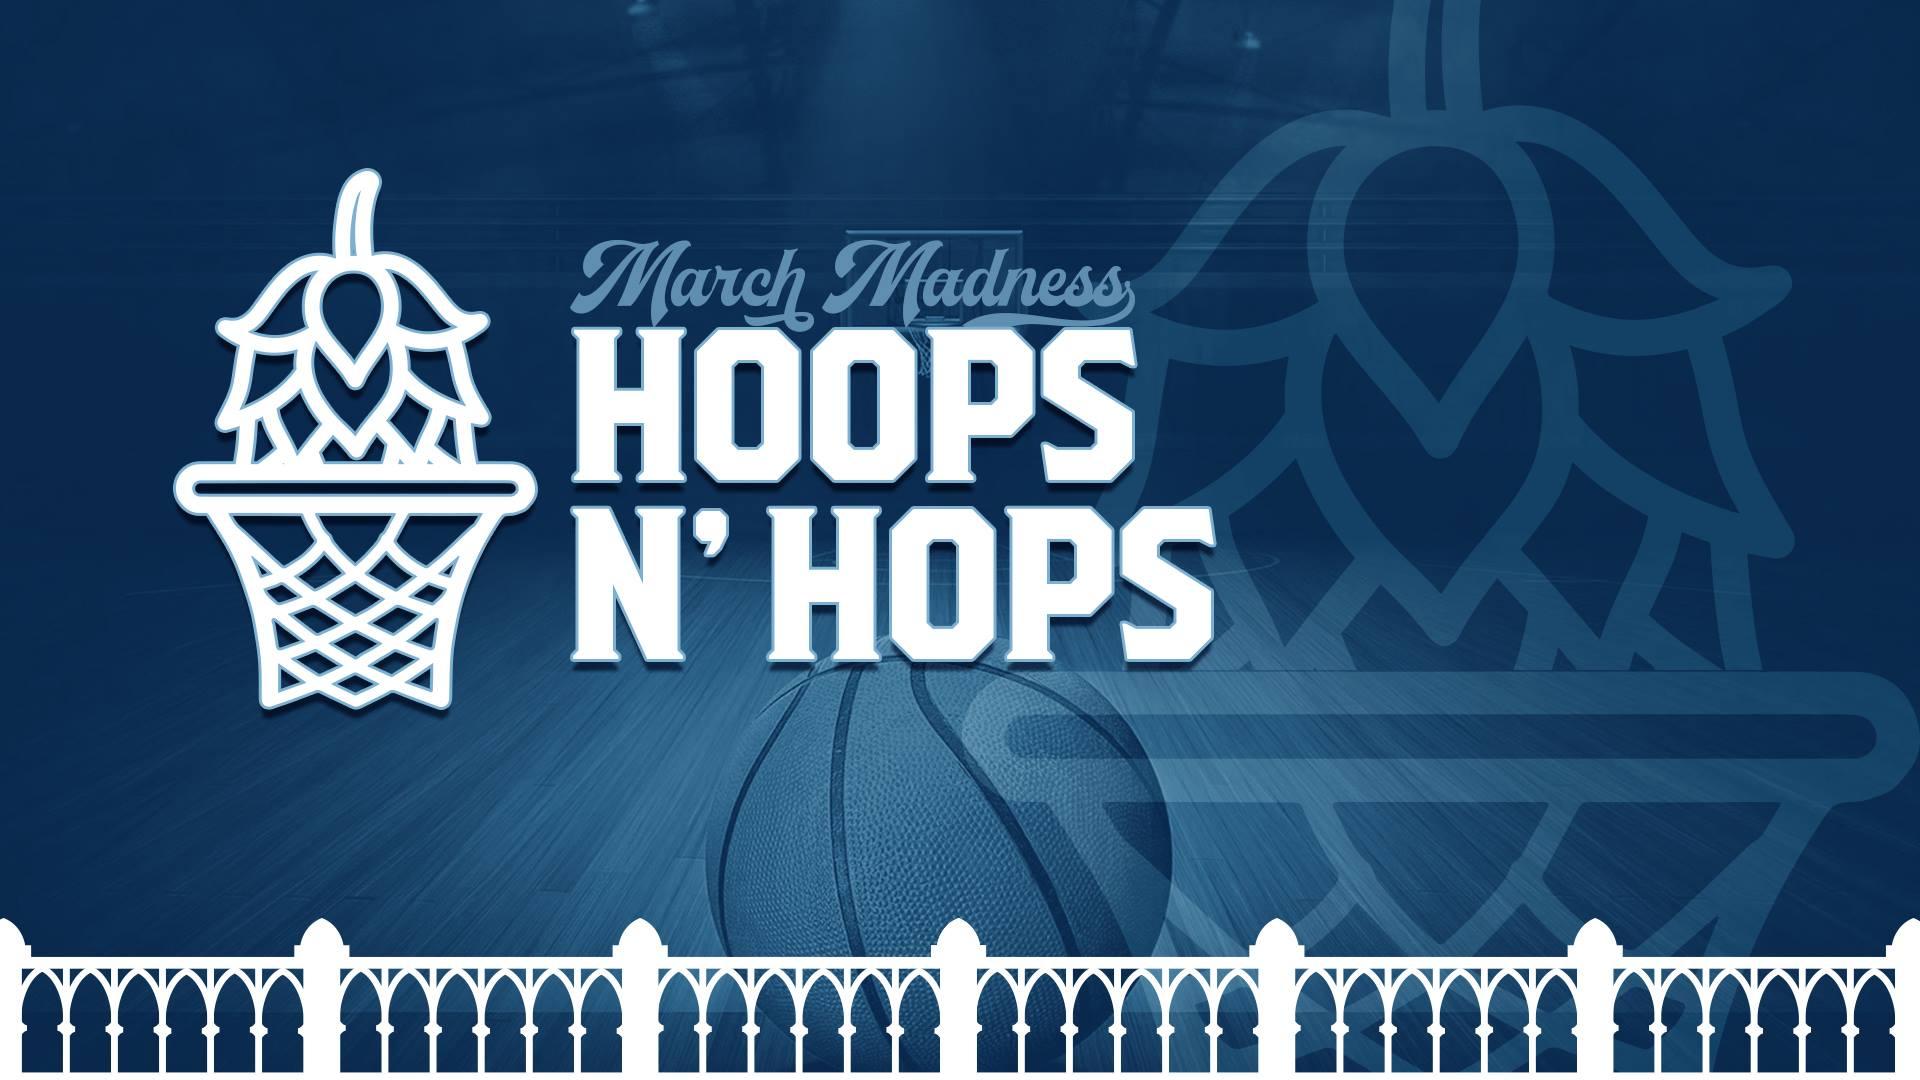 hoops_hops_steeple.jpg